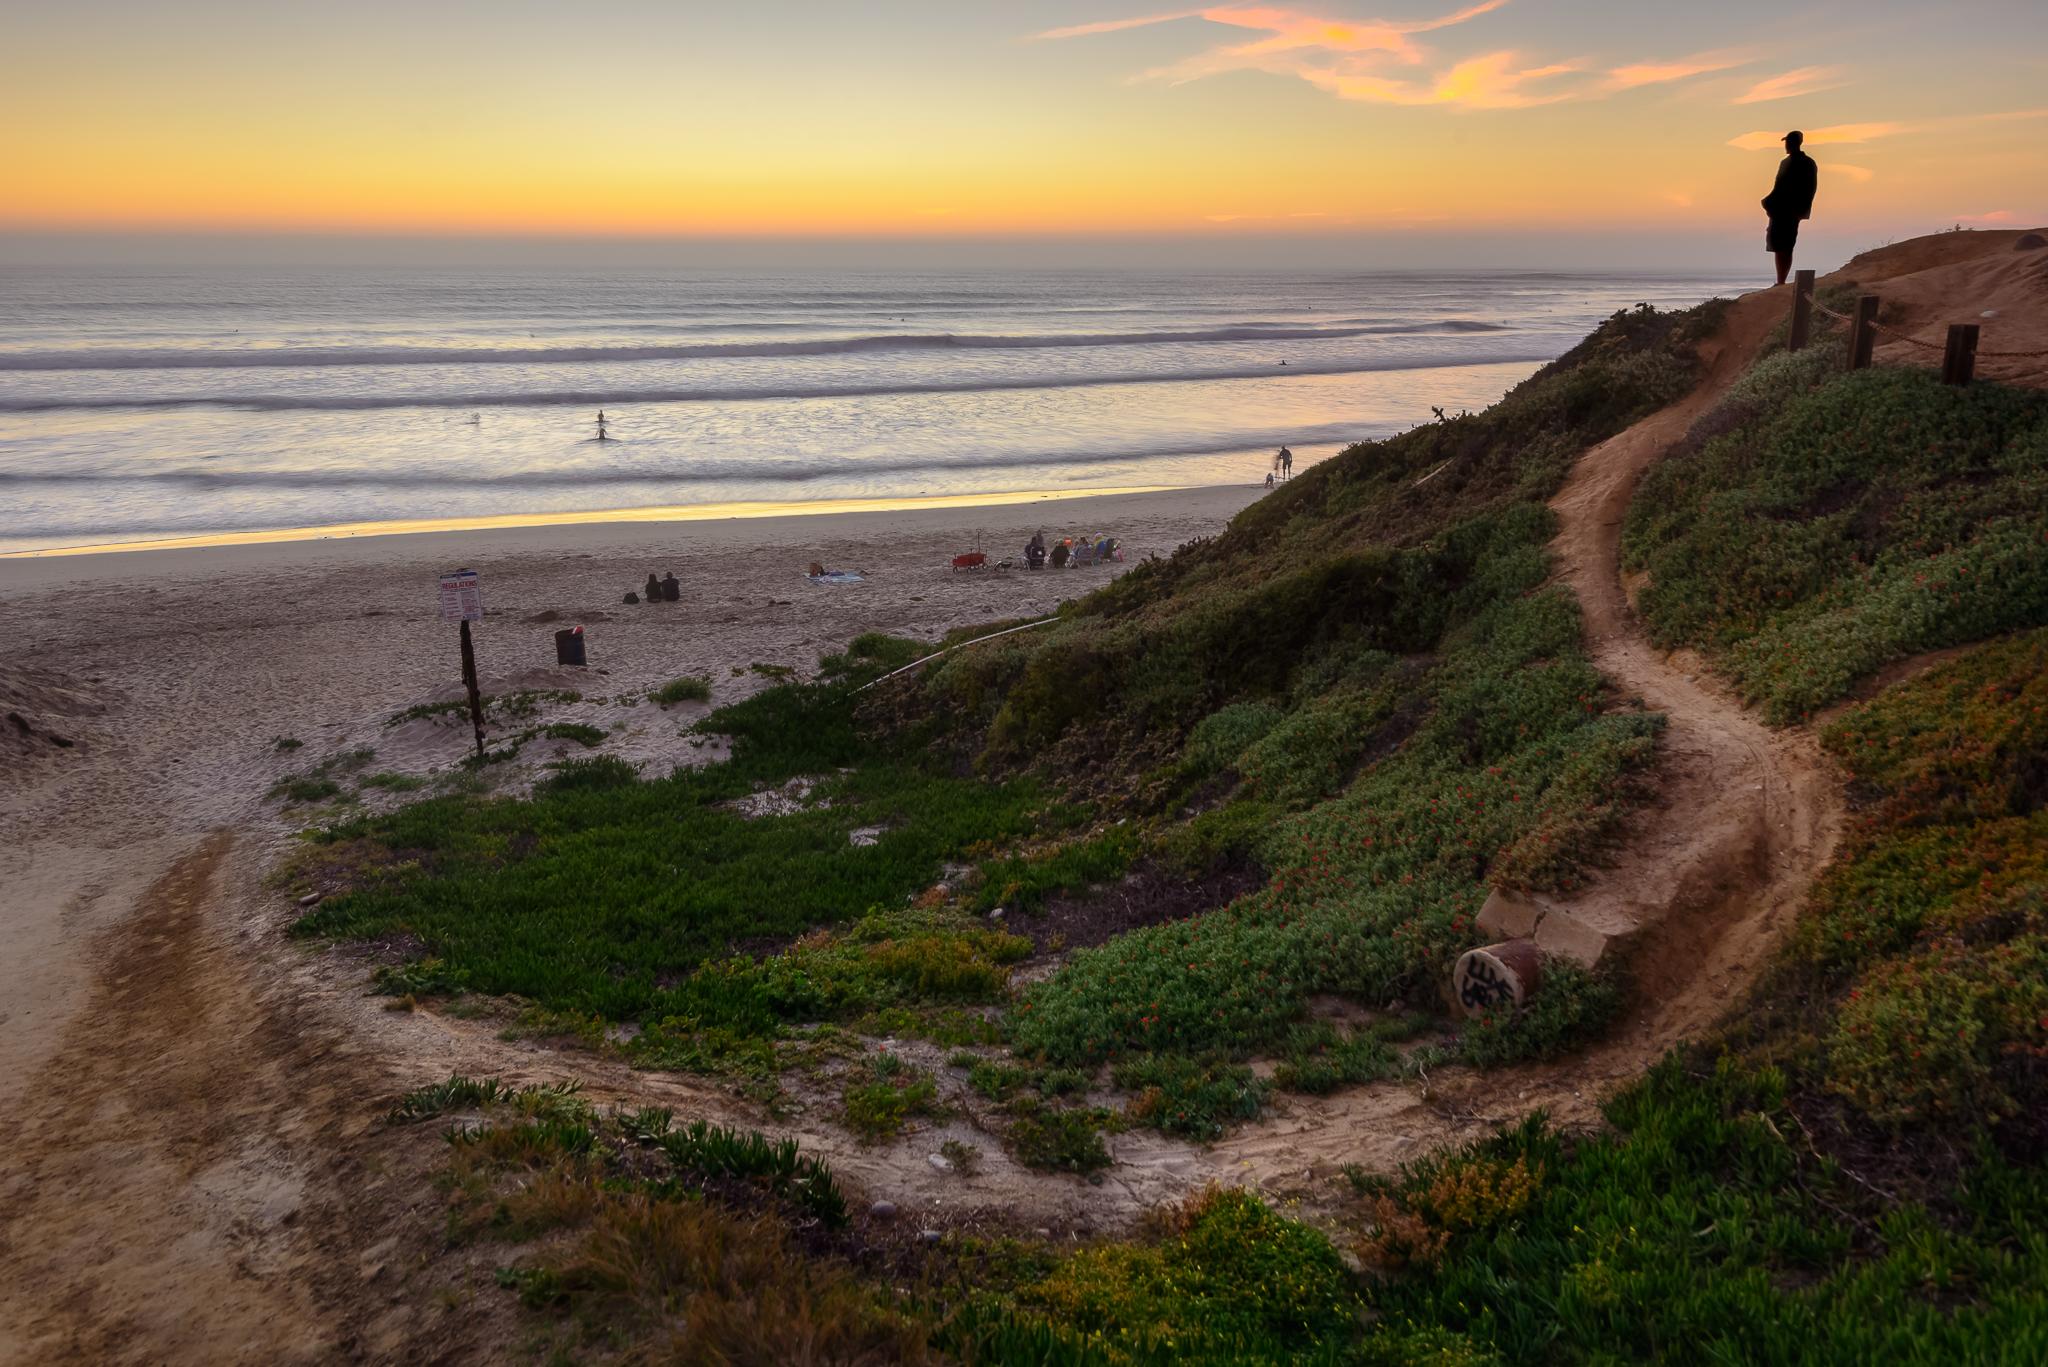 SD hangs. San Diego, CA